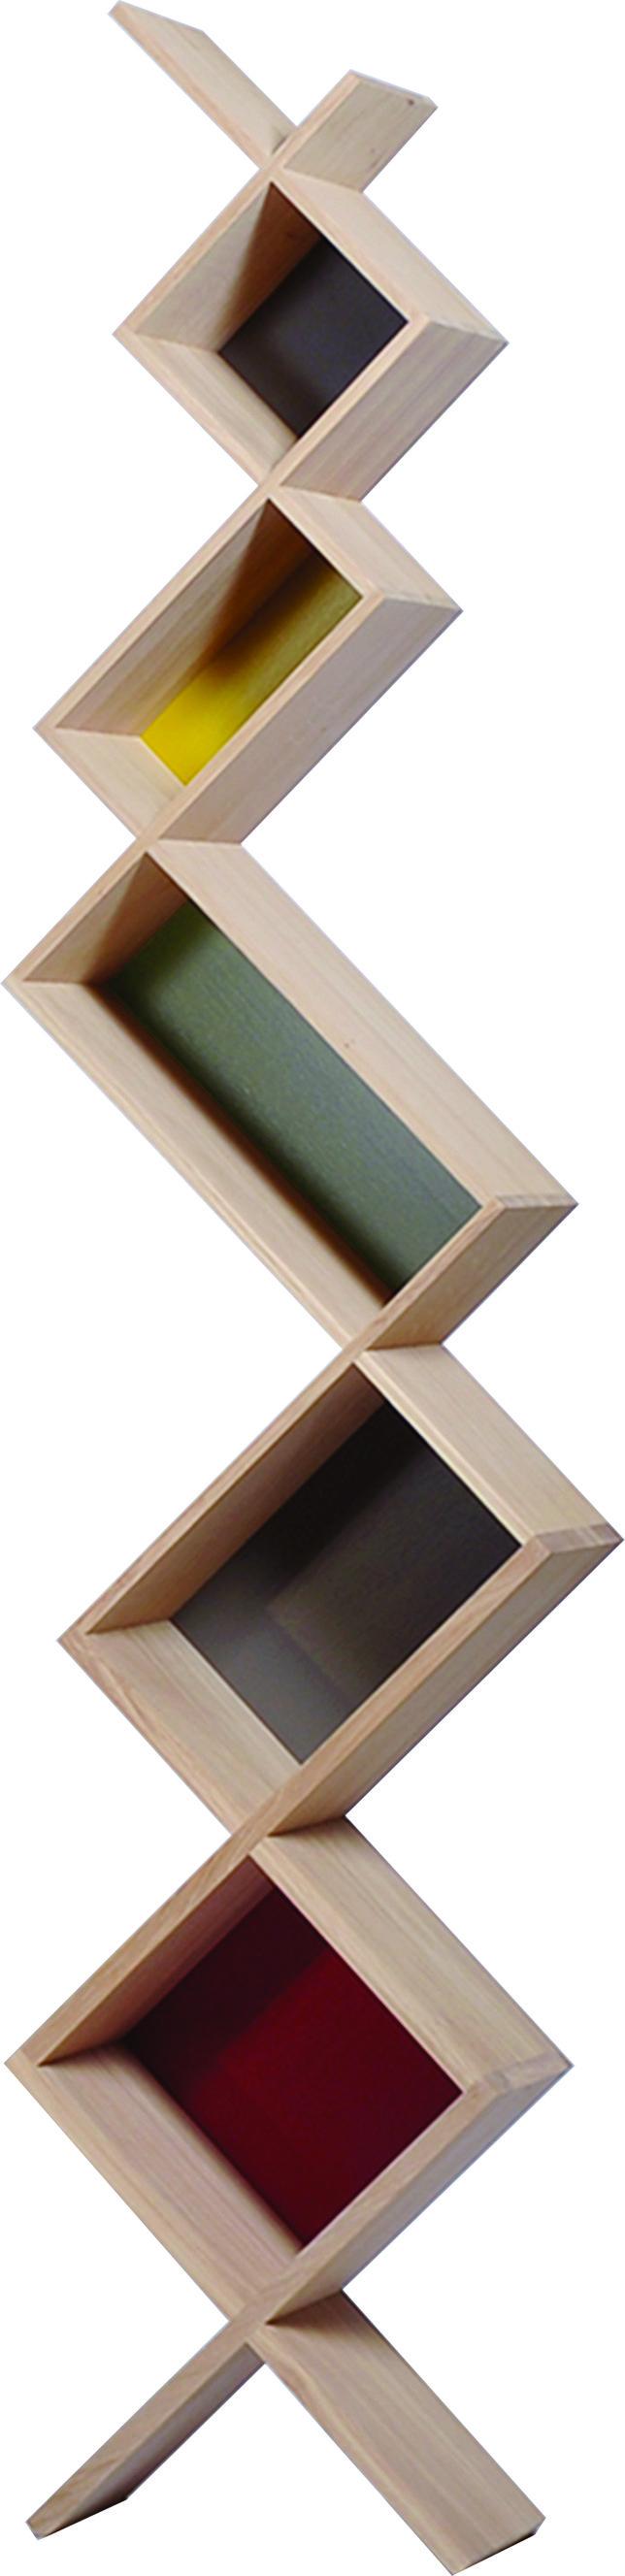 shelving by drugeot labo france furniture pinterest shelving and frances o 39 connor. Black Bedroom Furniture Sets. Home Design Ideas